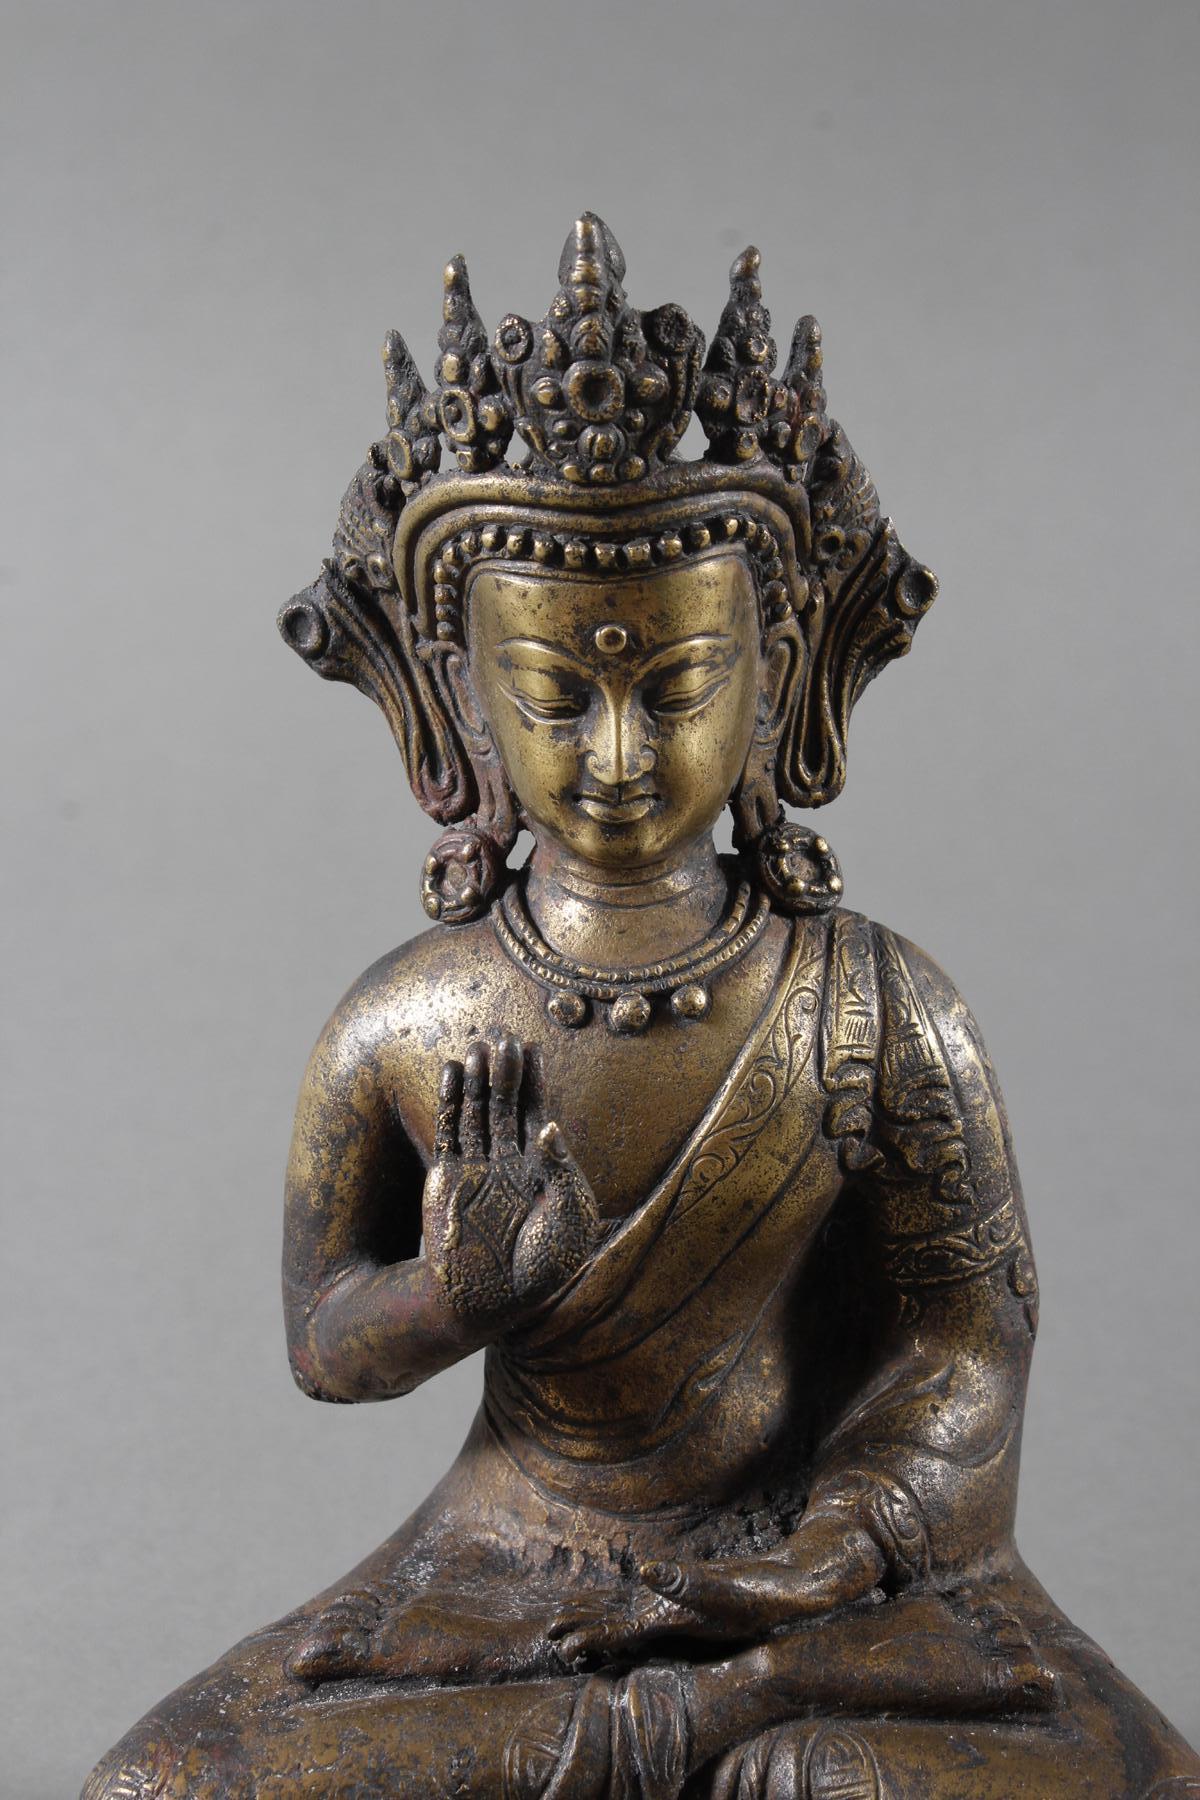 Bronze des Buddha in Schutz gewährender Haltung auf Doppel Lotos sitzend, Tibet 18. Jahrhundert-2